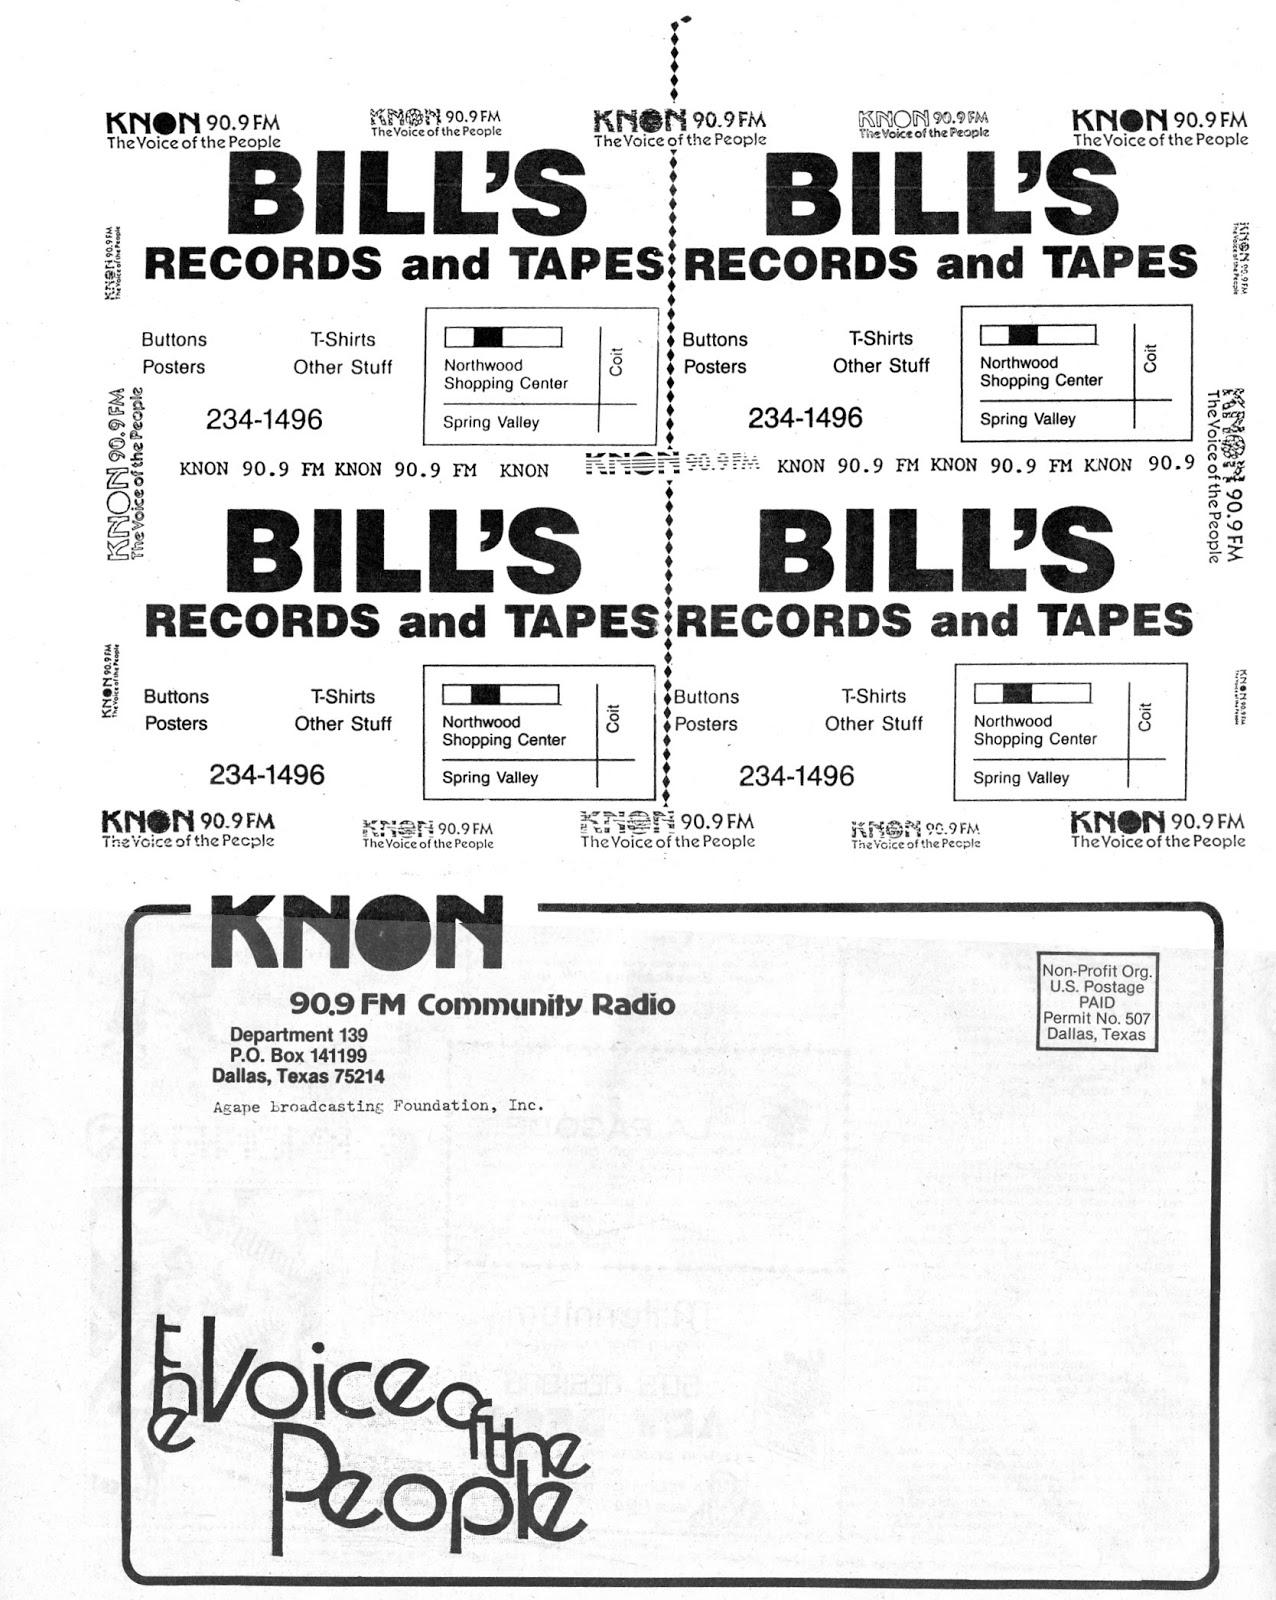 scrapbook-1985-issue-2-p20